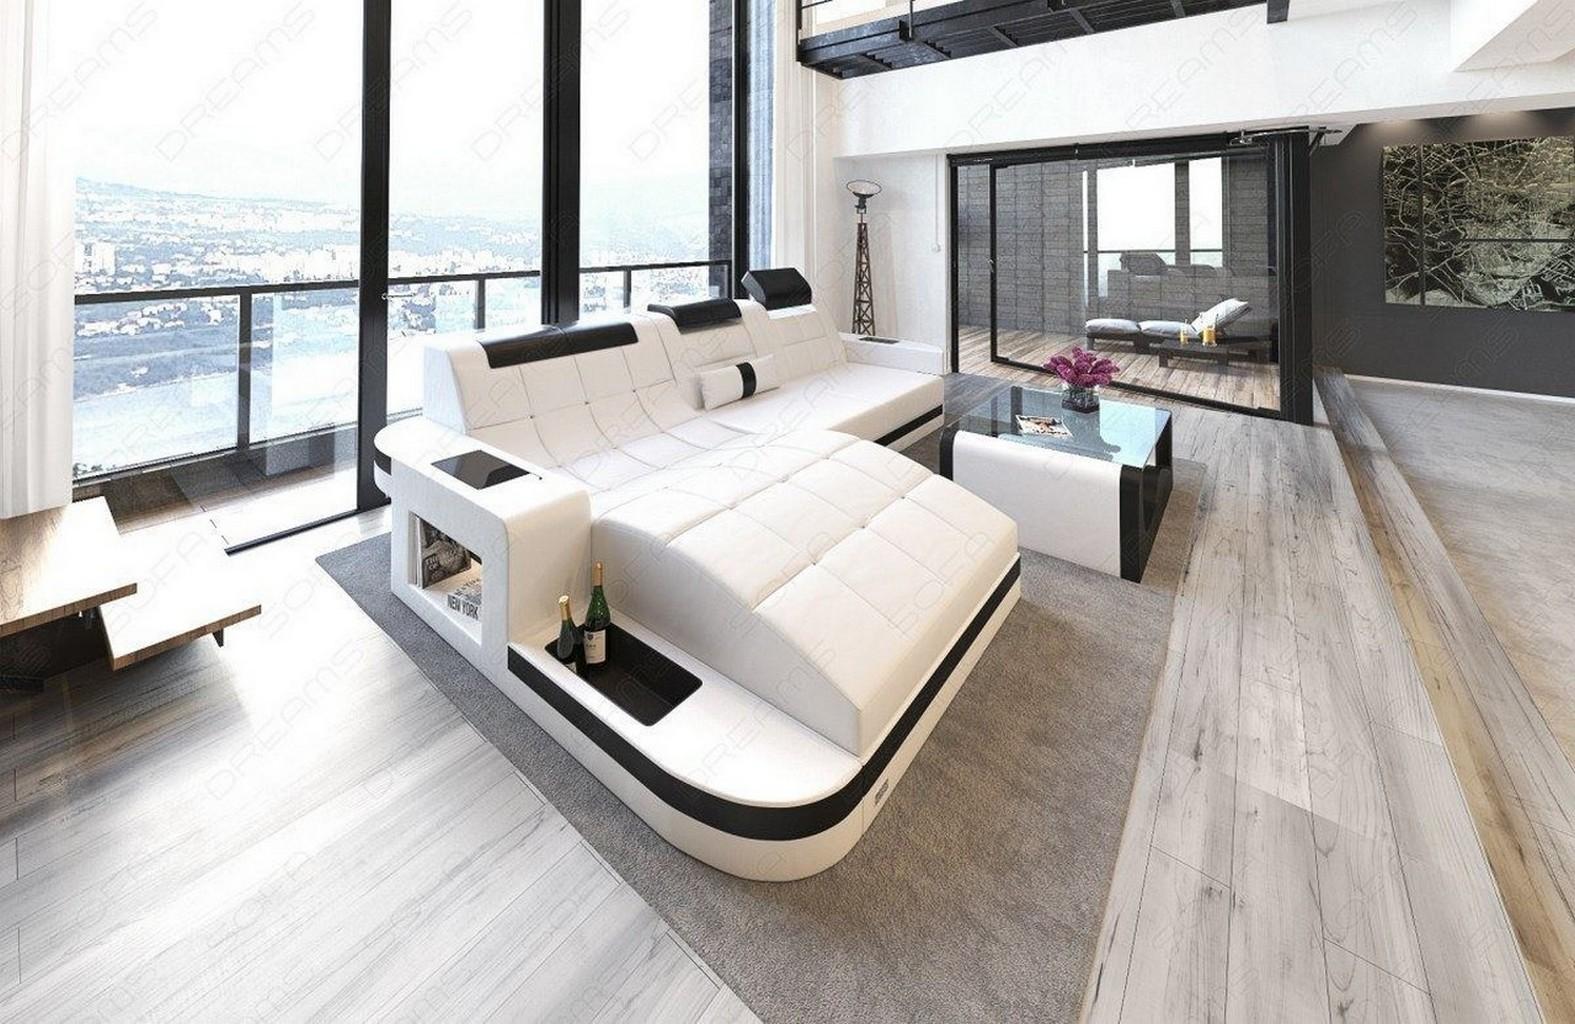 ledersofa wave l form eck luxus couch garnitur mit led rgb beleuchtung ecksofa ebay. Black Bedroom Furniture Sets. Home Design Ideas